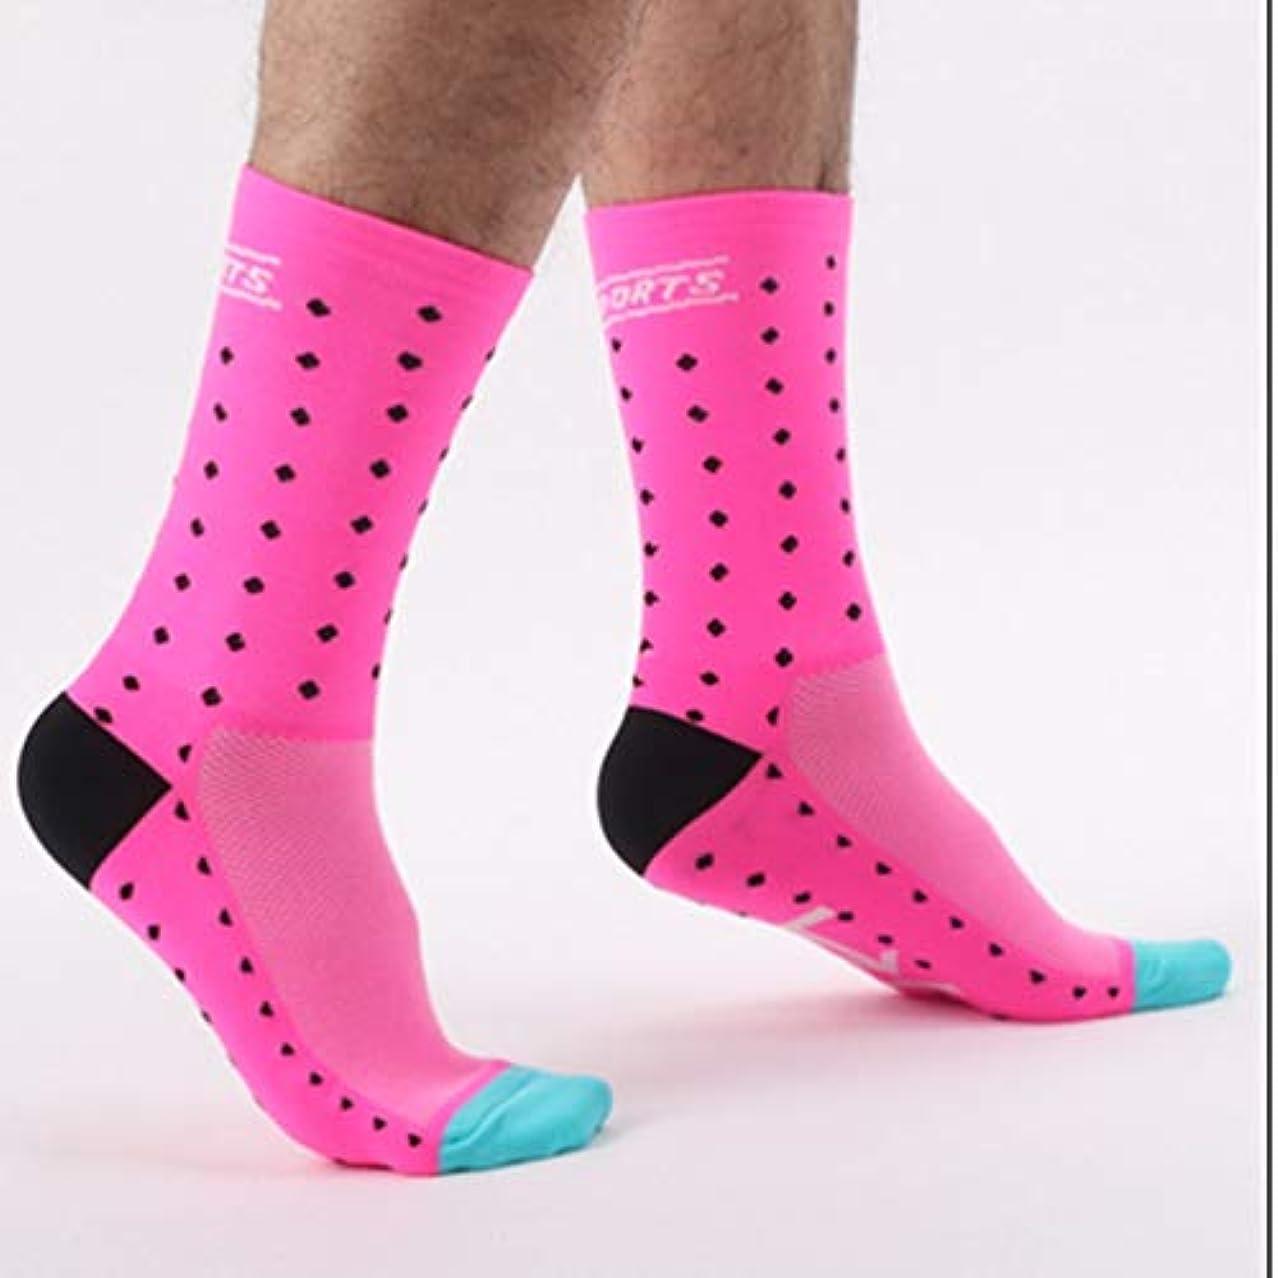 確保するペルセウスネーピアDH04快適なファッショナブルな屋外サイクリングソックス男性女性プロの通気性スポーツソックスバスケットボールソックス - ピンク